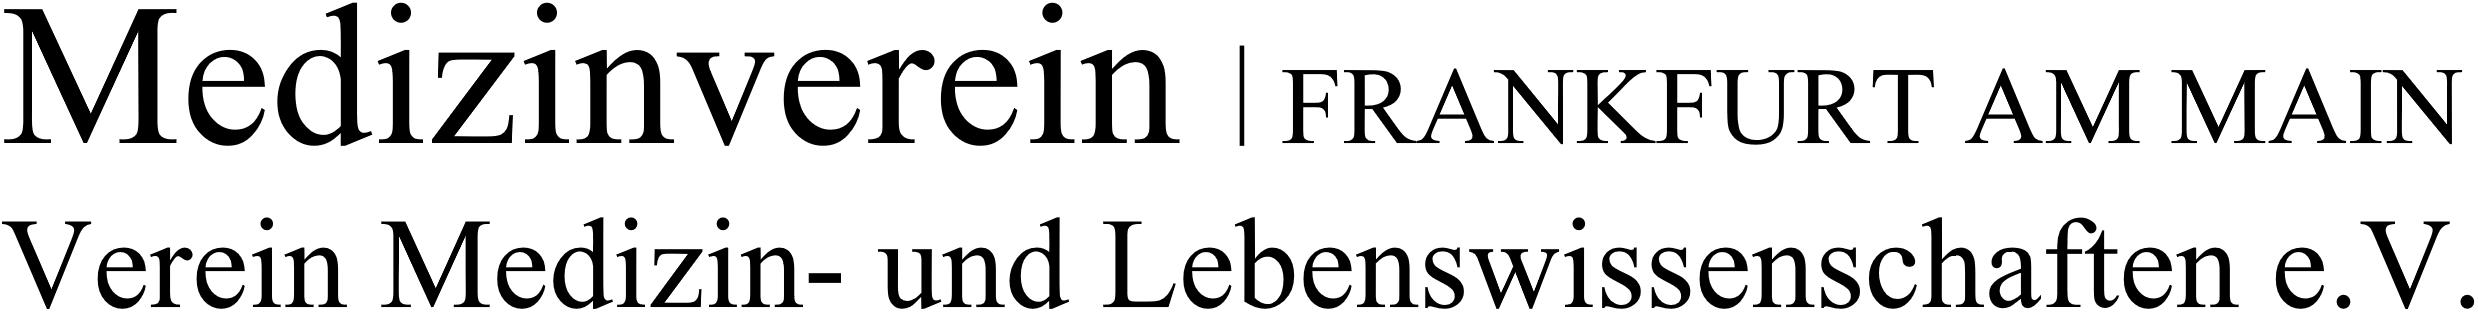 medizinverein.de-Logo